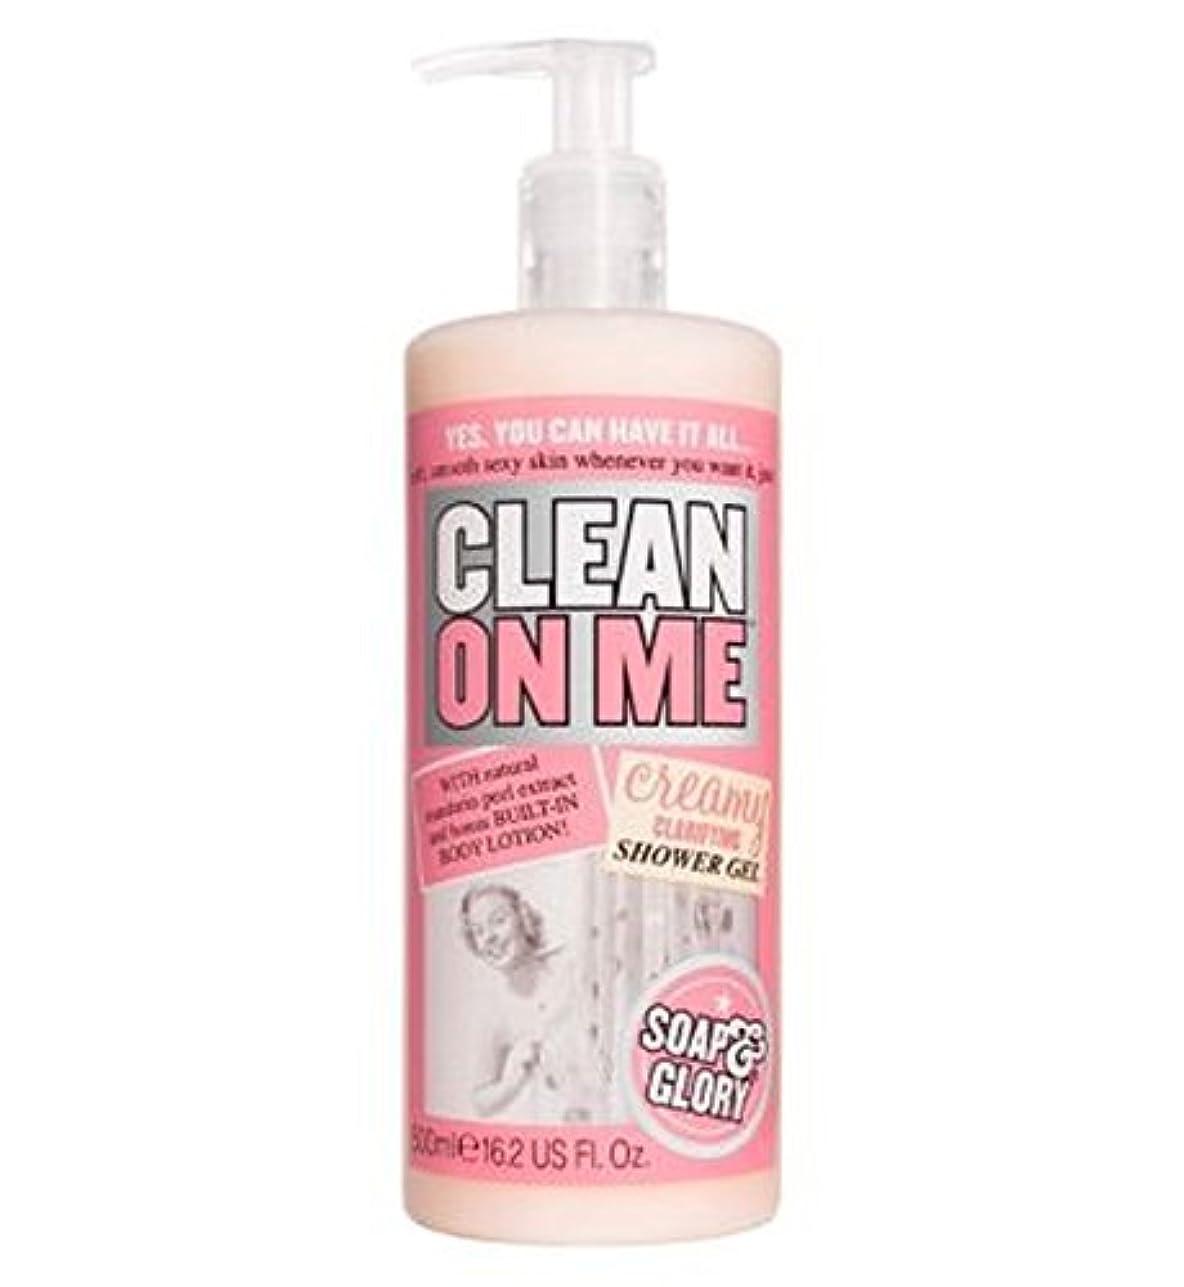 従事したスポンジ前投薬Soap & Glory Clean On Me Creamy Clarifying Shower Gel 500ml - 私にきれいな石鹸&栄光はシャワージェル500ミリリットルを明確にクリーミー (Soap & Glory...